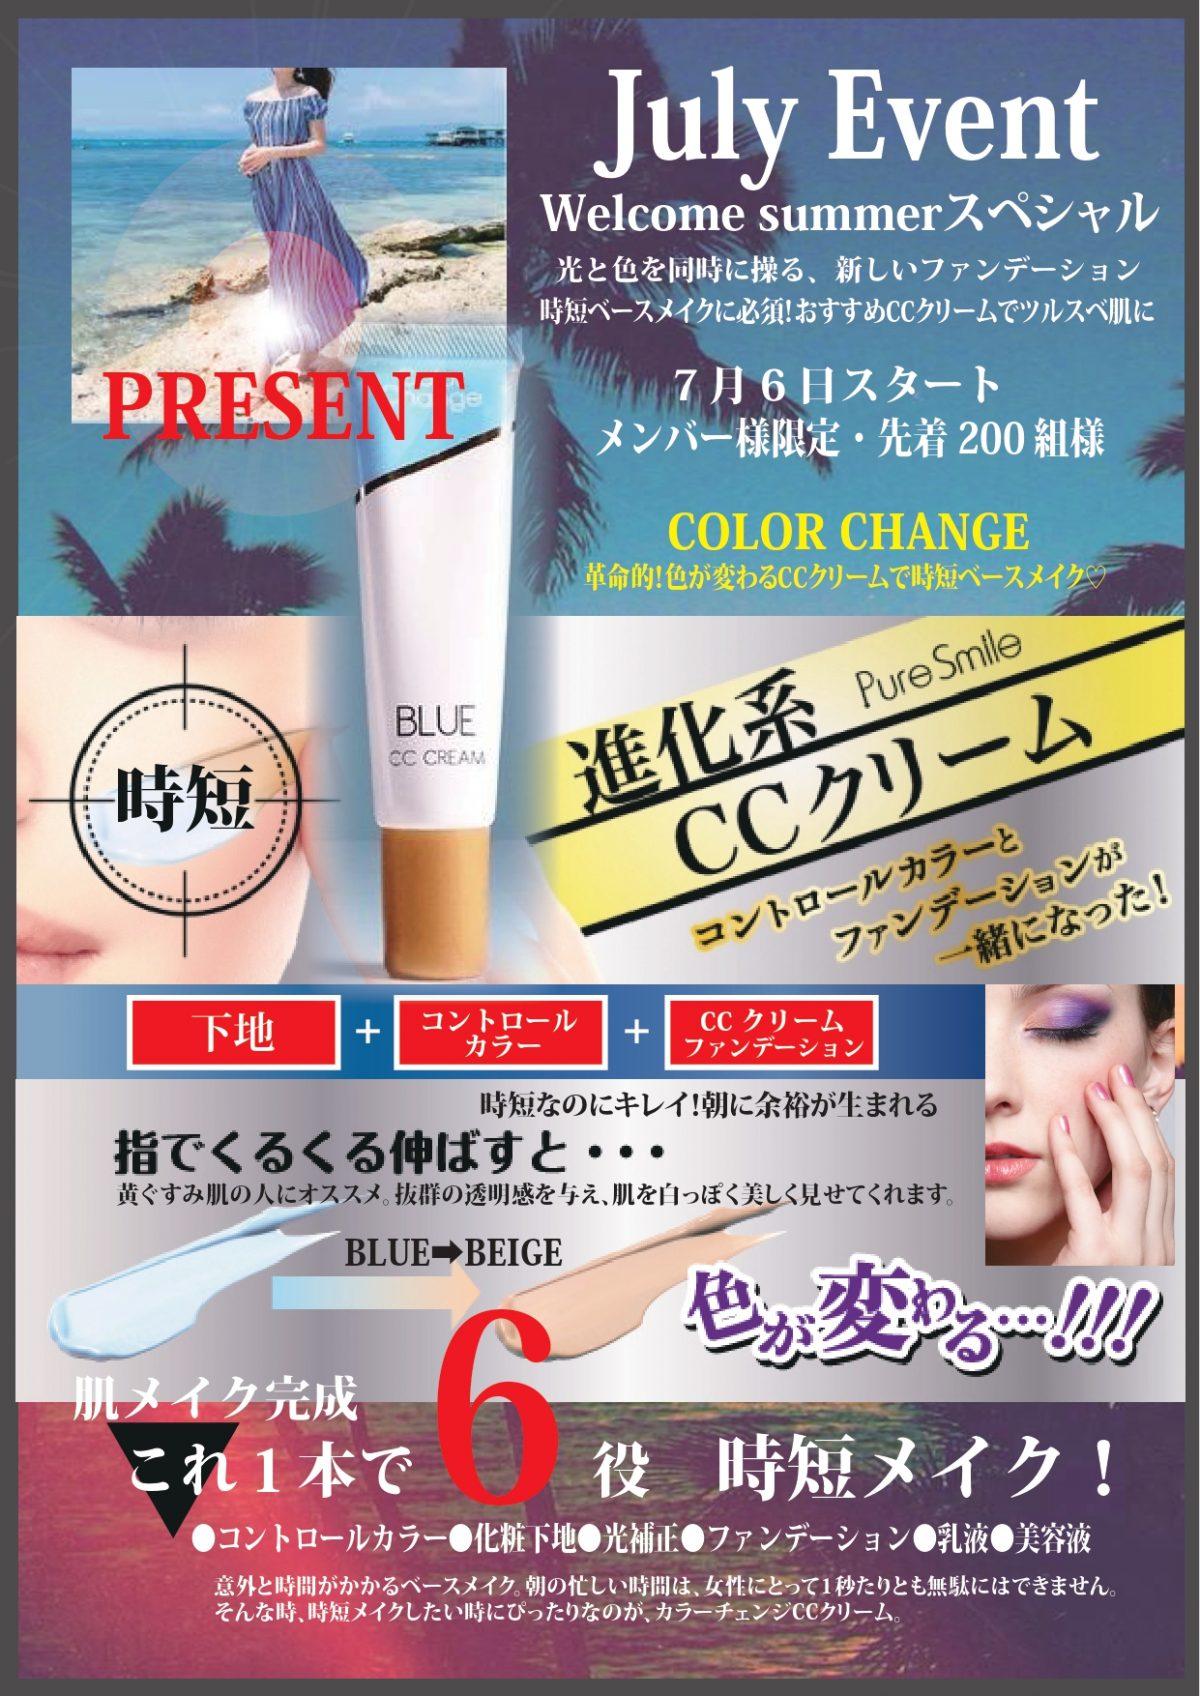 7月イベント_page-0001